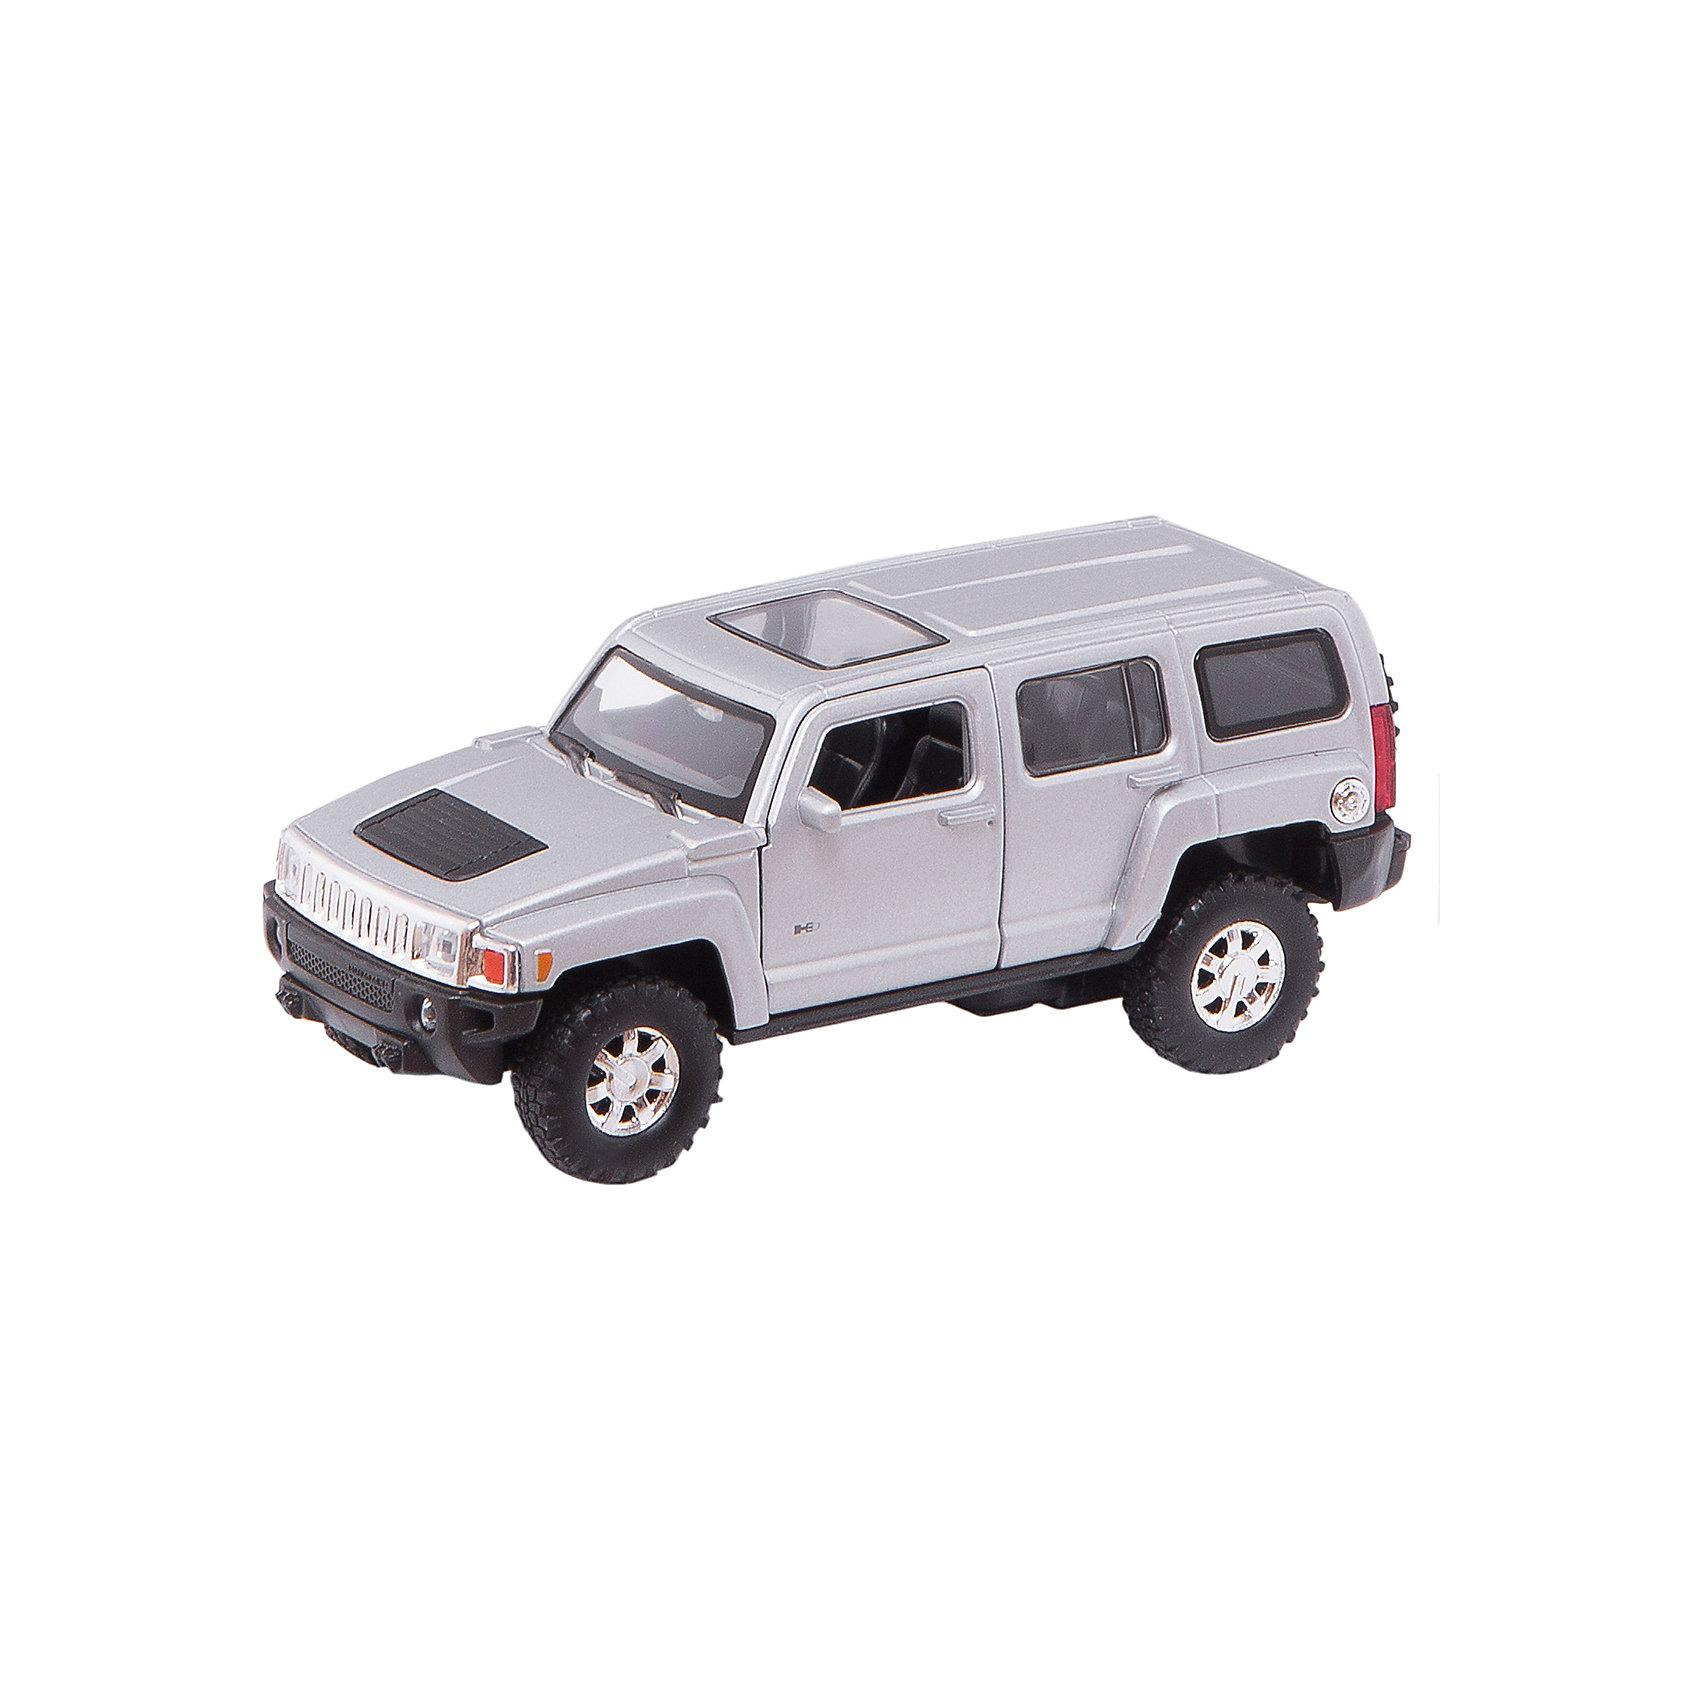 Welly Модель машины 1:32 HUMMER H3Модель автомобиля масштаба 1:32 инерционная. У машинки открываются двери.<br><br>Дополнительная информация:<br><br>- размер: 18 х 8 х 7 см.<br>- открываются передние двери, руль не вращается<br>- салон детализирован<br>- стекла прочные, небьющиеся <br>- литой металлический корпус <br>- инерционный механизм<br><br>ВНИМАНИЕ: Данный артикул представлен в различных цветовых исполнениях. К сожалению, заранее выбрать определенный цвет невозможно.<br><br>Welly Модель машины 1:32 HUMMER H3 можно купить в нашем магазине.<br><br>Ширина мм: 180<br>Глубина мм: 80<br>Высота мм: 85<br>Вес г: 278<br>Возраст от месяцев: 84<br>Возраст до месяцев: 1188<br>Пол: Мужской<br>Возраст: Детский<br>SKU: 2150116